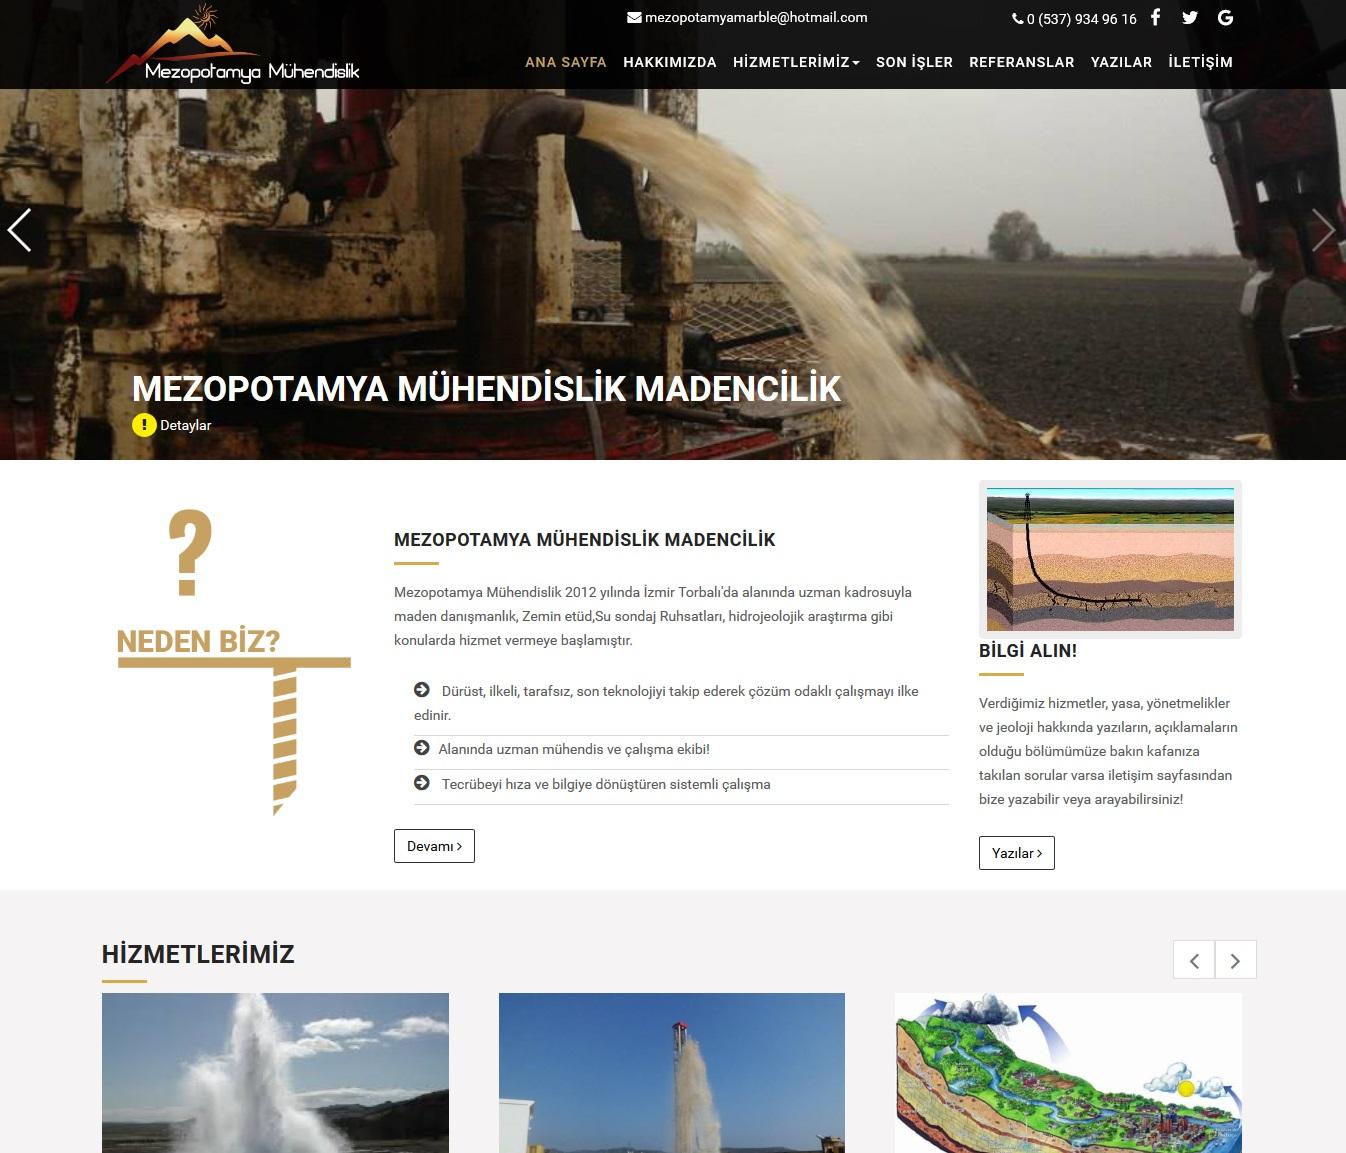 Mezopotamya Mühendislik